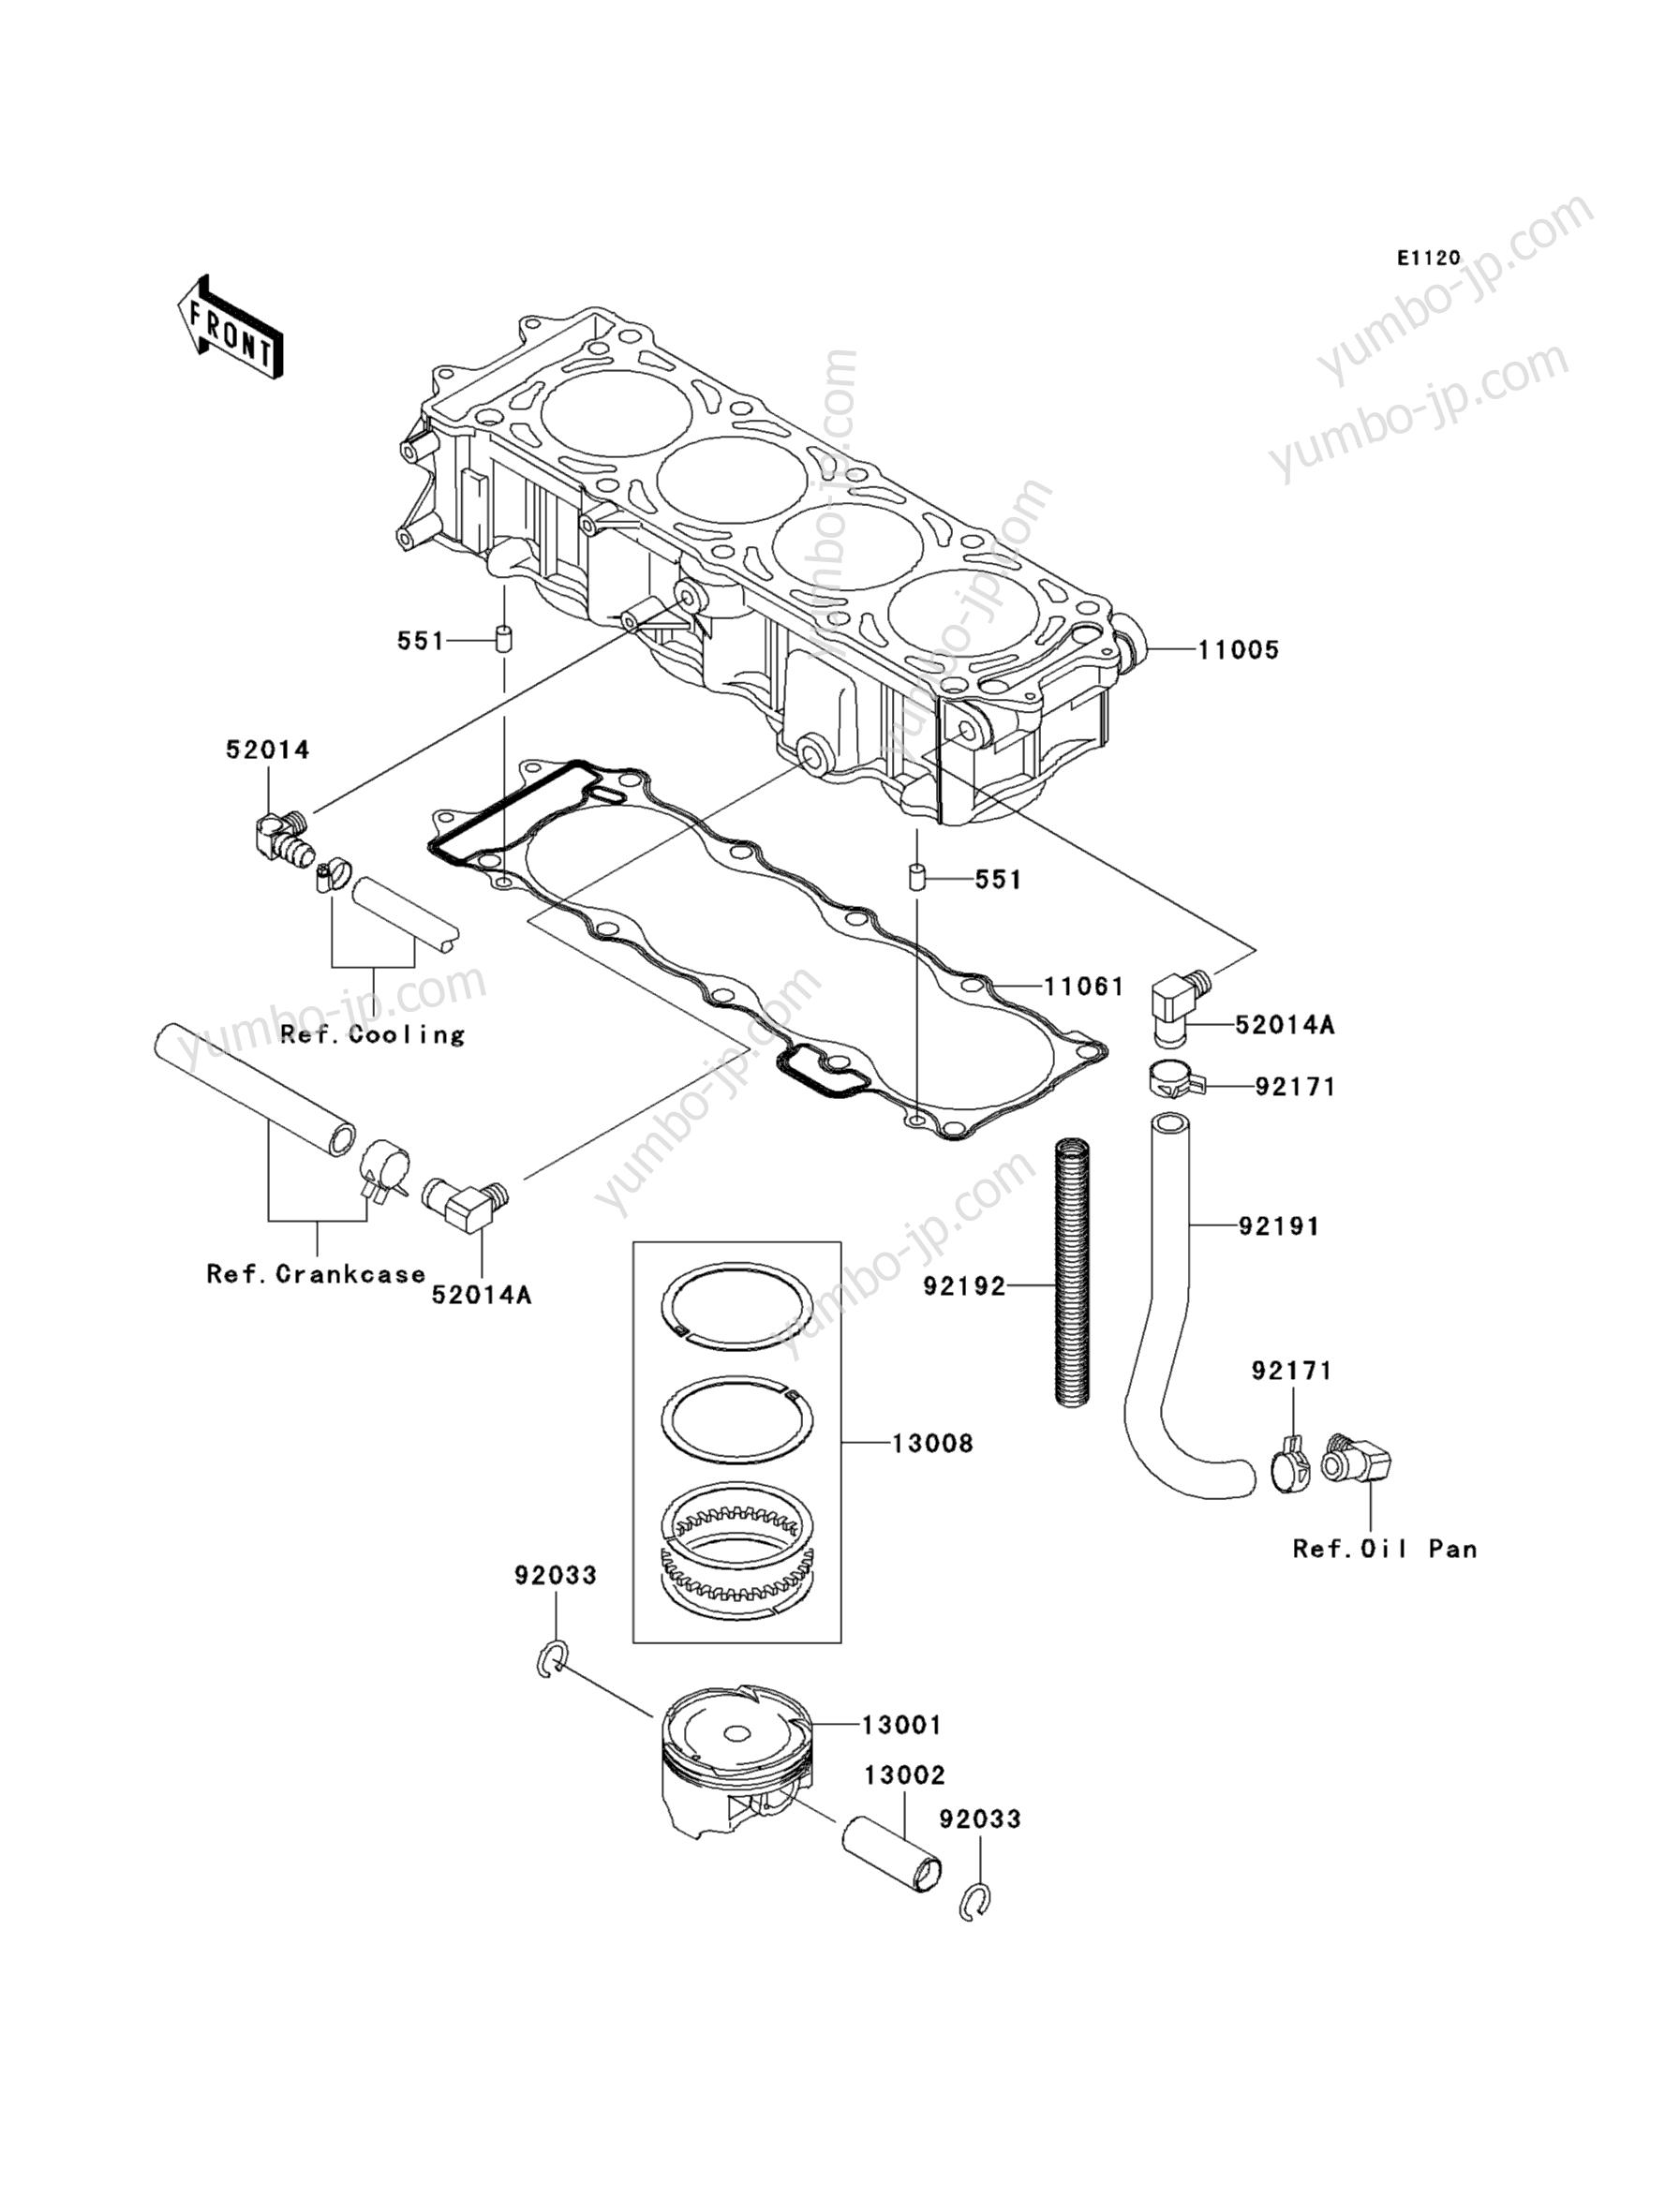 Cylinder/Piston(s) для гидроциклов KAWASAKI JET SKI STX-15F (JT1500-A2) 2005 г.